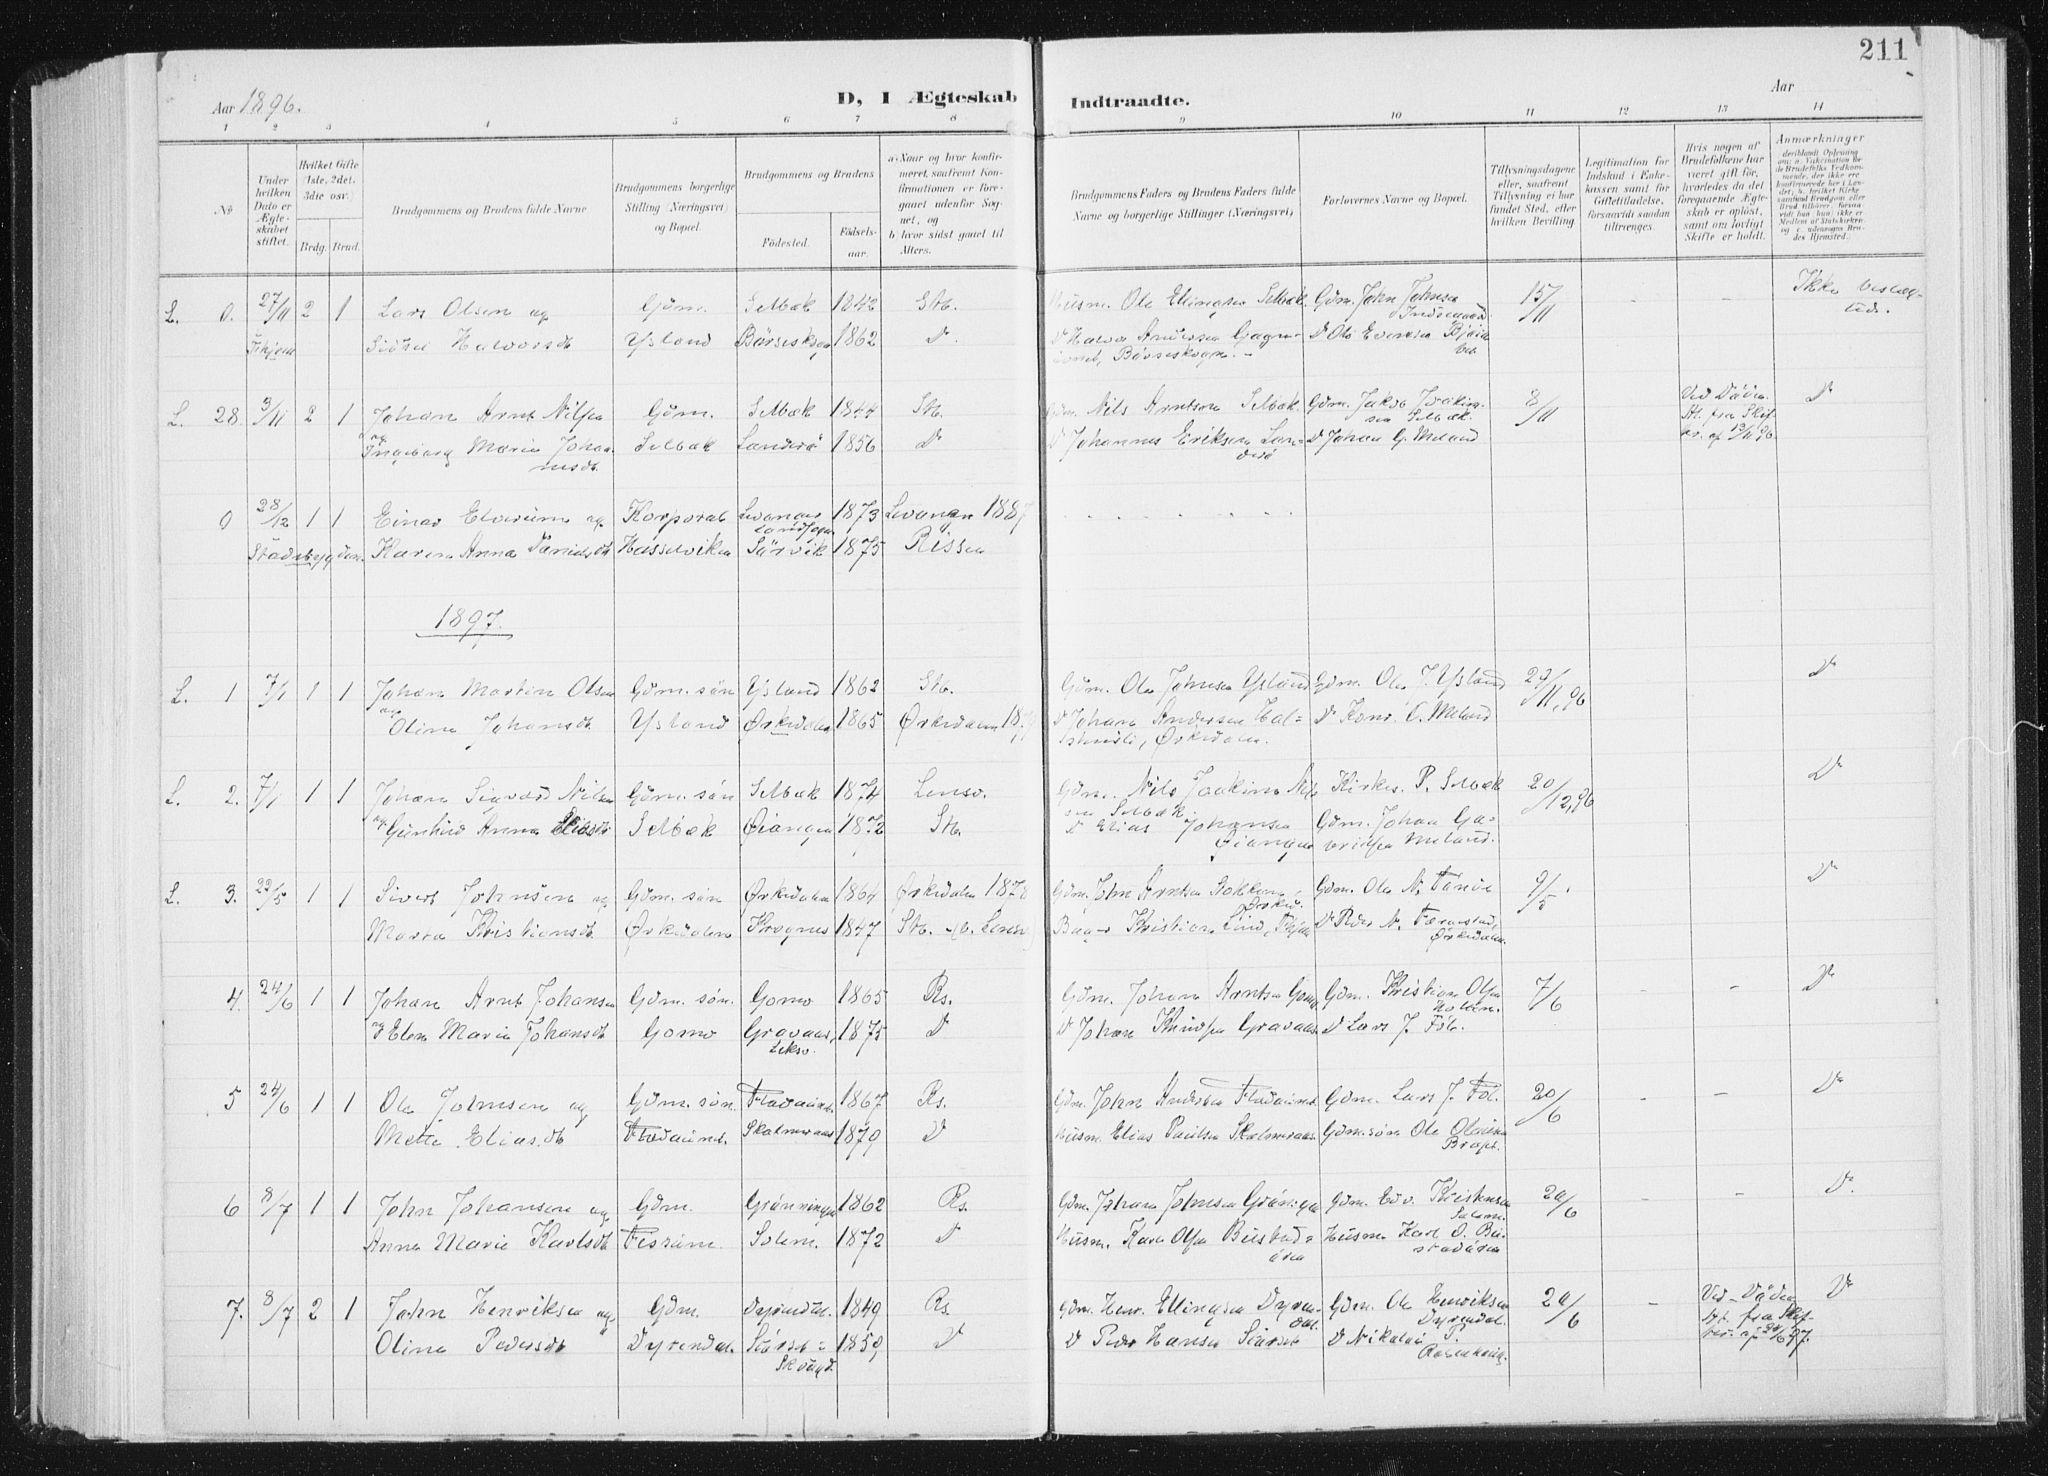 SAT, Ministerialprotokoller, klokkerbøker og fødselsregistre - Sør-Trøndelag, 647/L0635: Ministerialbok nr. 647A02, 1896-1911, s. 211